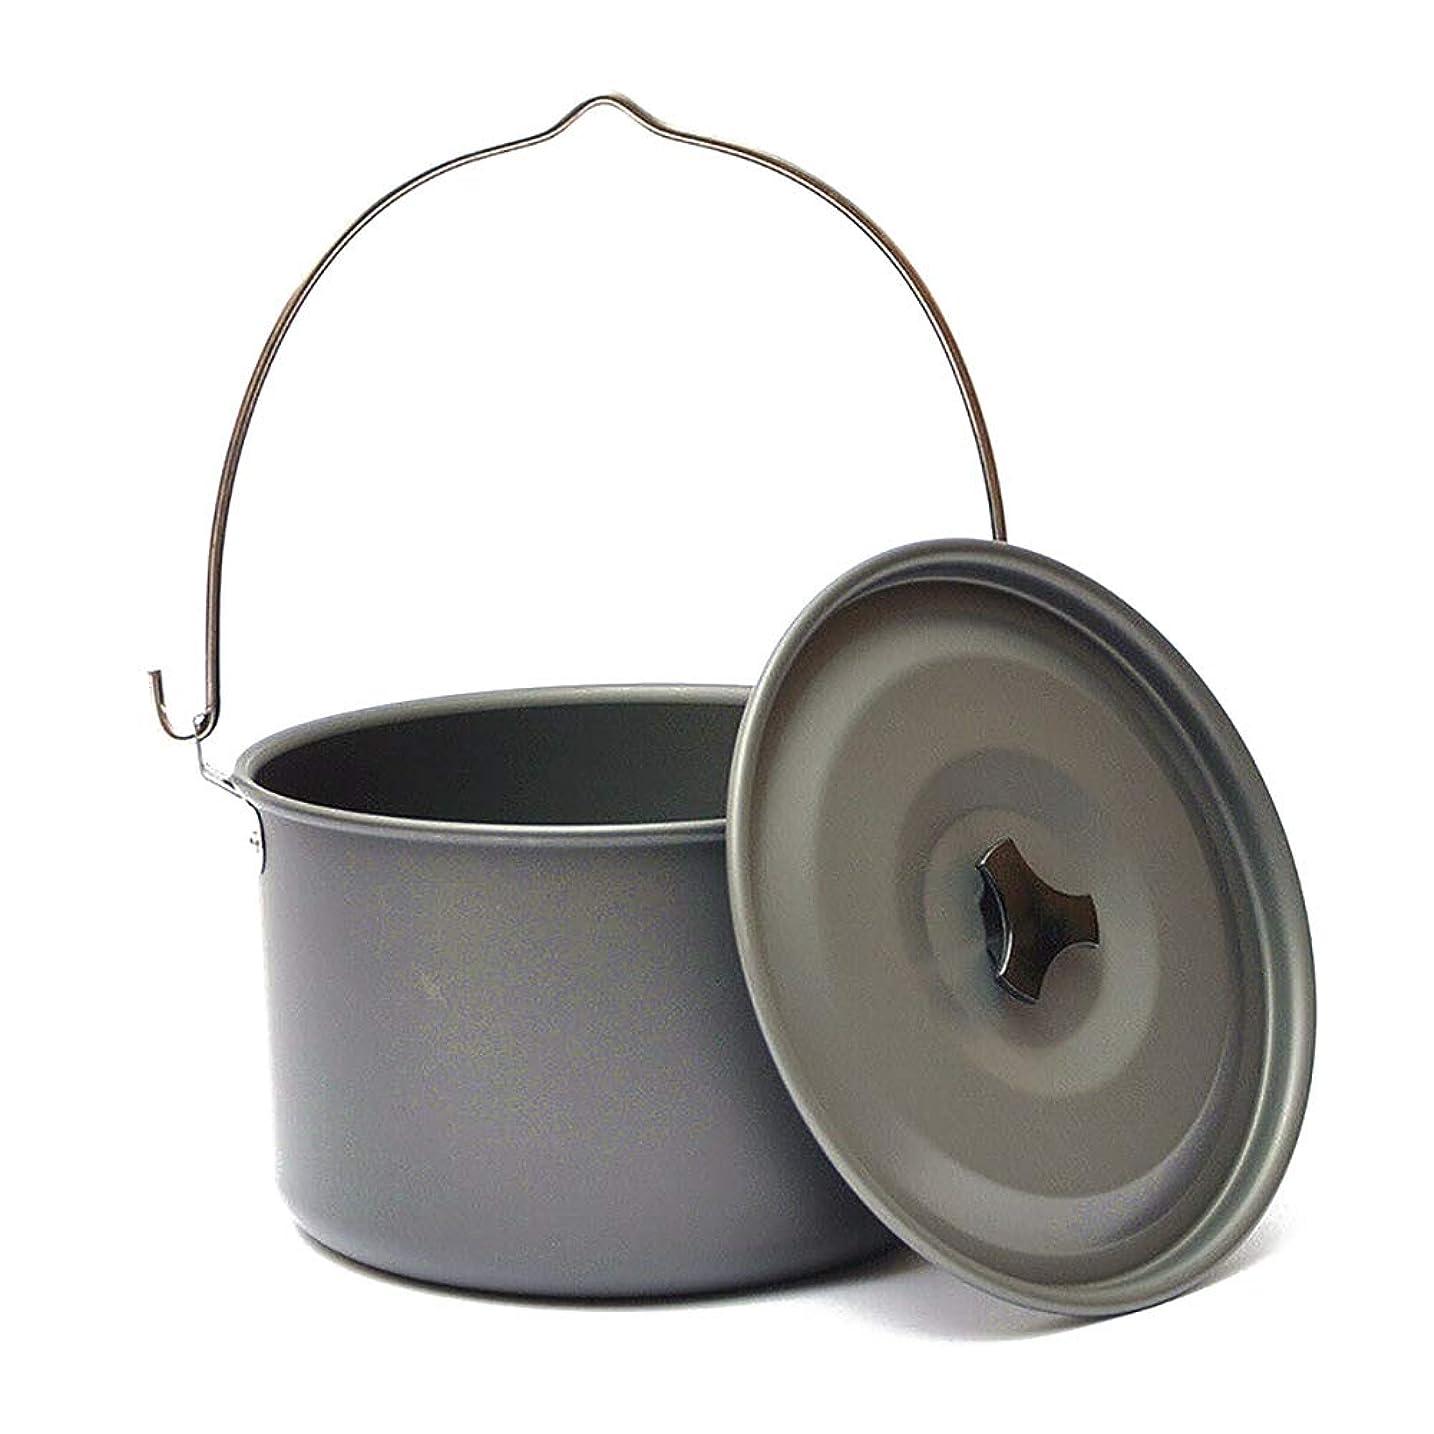 変数画面くしゃくしゃアウトドア用アルミ製クッカー 容量4L 折畳み持ち手付 洗いやすいコーティング加工 高熱伝導率 軽量アルミ鍋 収納袋付 ミニ鍋 湯沸かし 屋外調理 キャンプ 登山 BBQに FMTHIK216